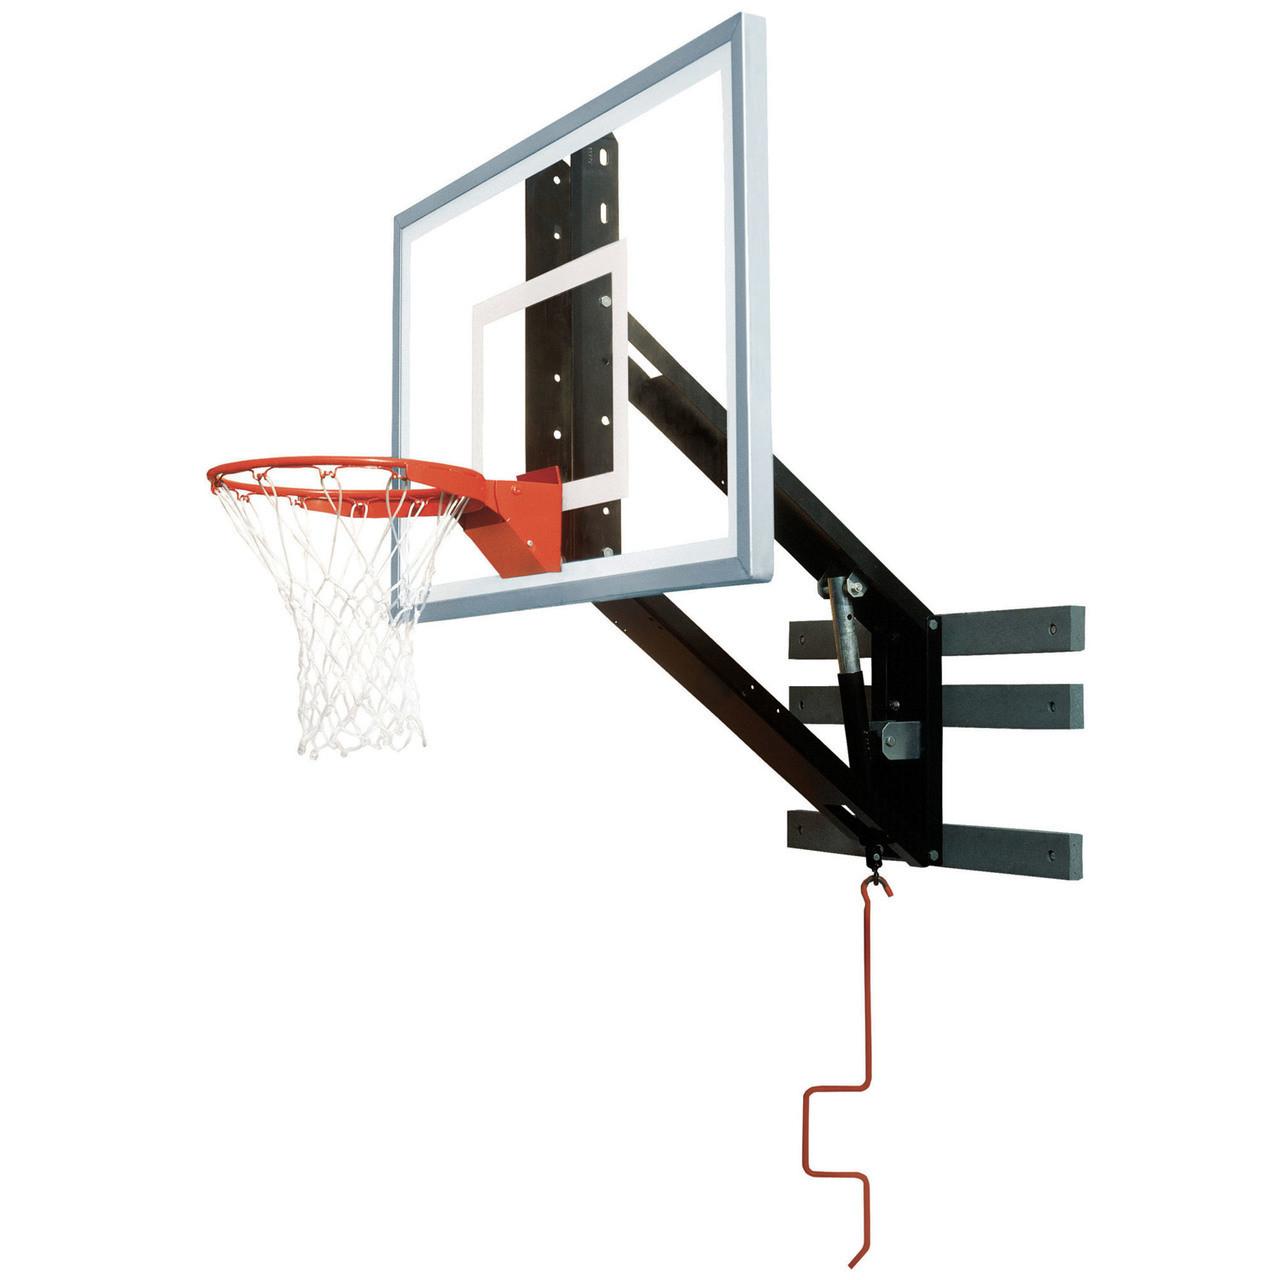 Bison PKG300 Zip Crank Wall Mounted Adjustable Basketball Hoop ...